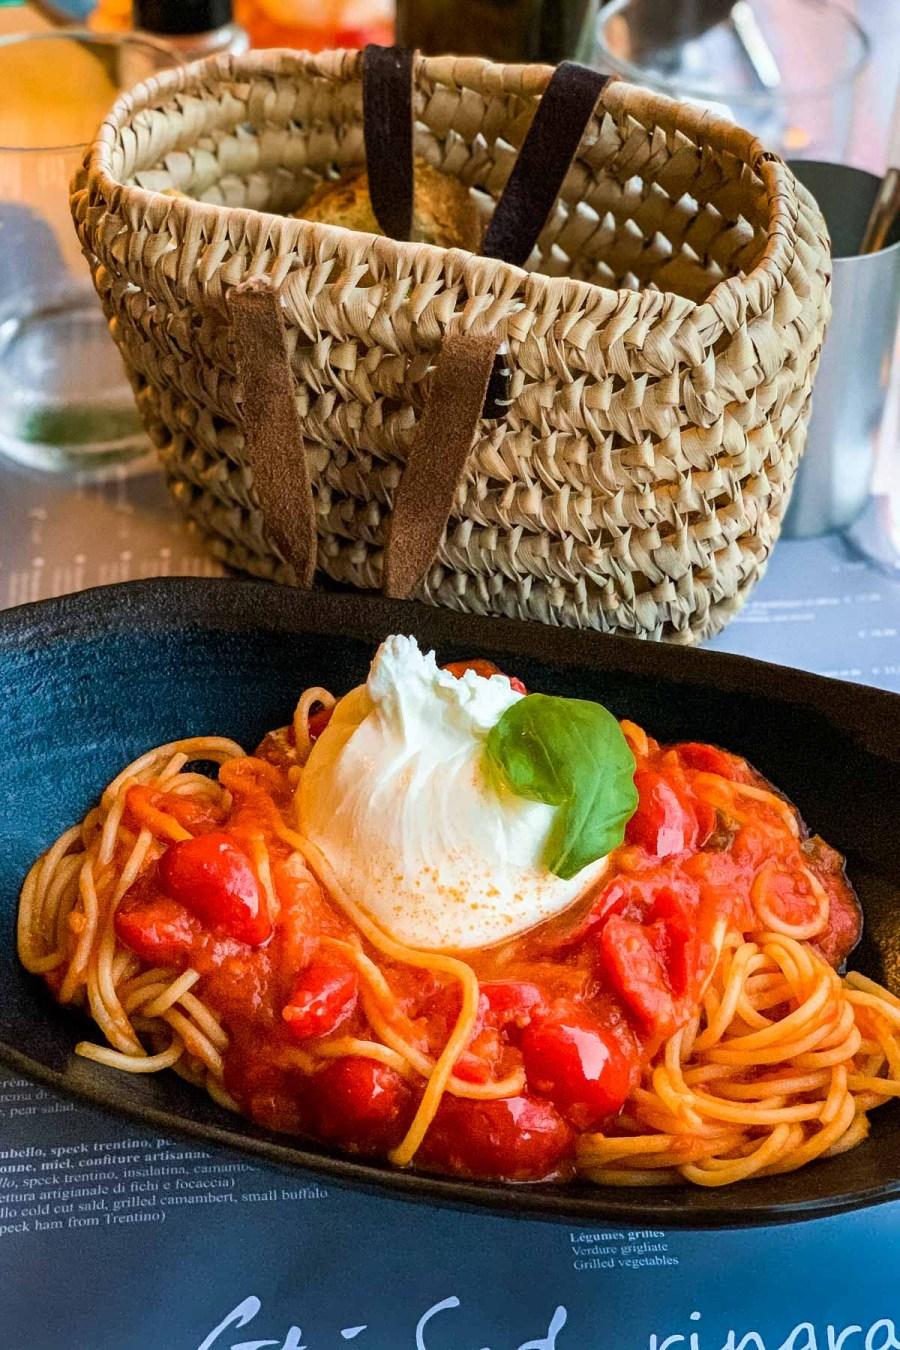 Spagetti with burrata at Cote Sud in Menton, France